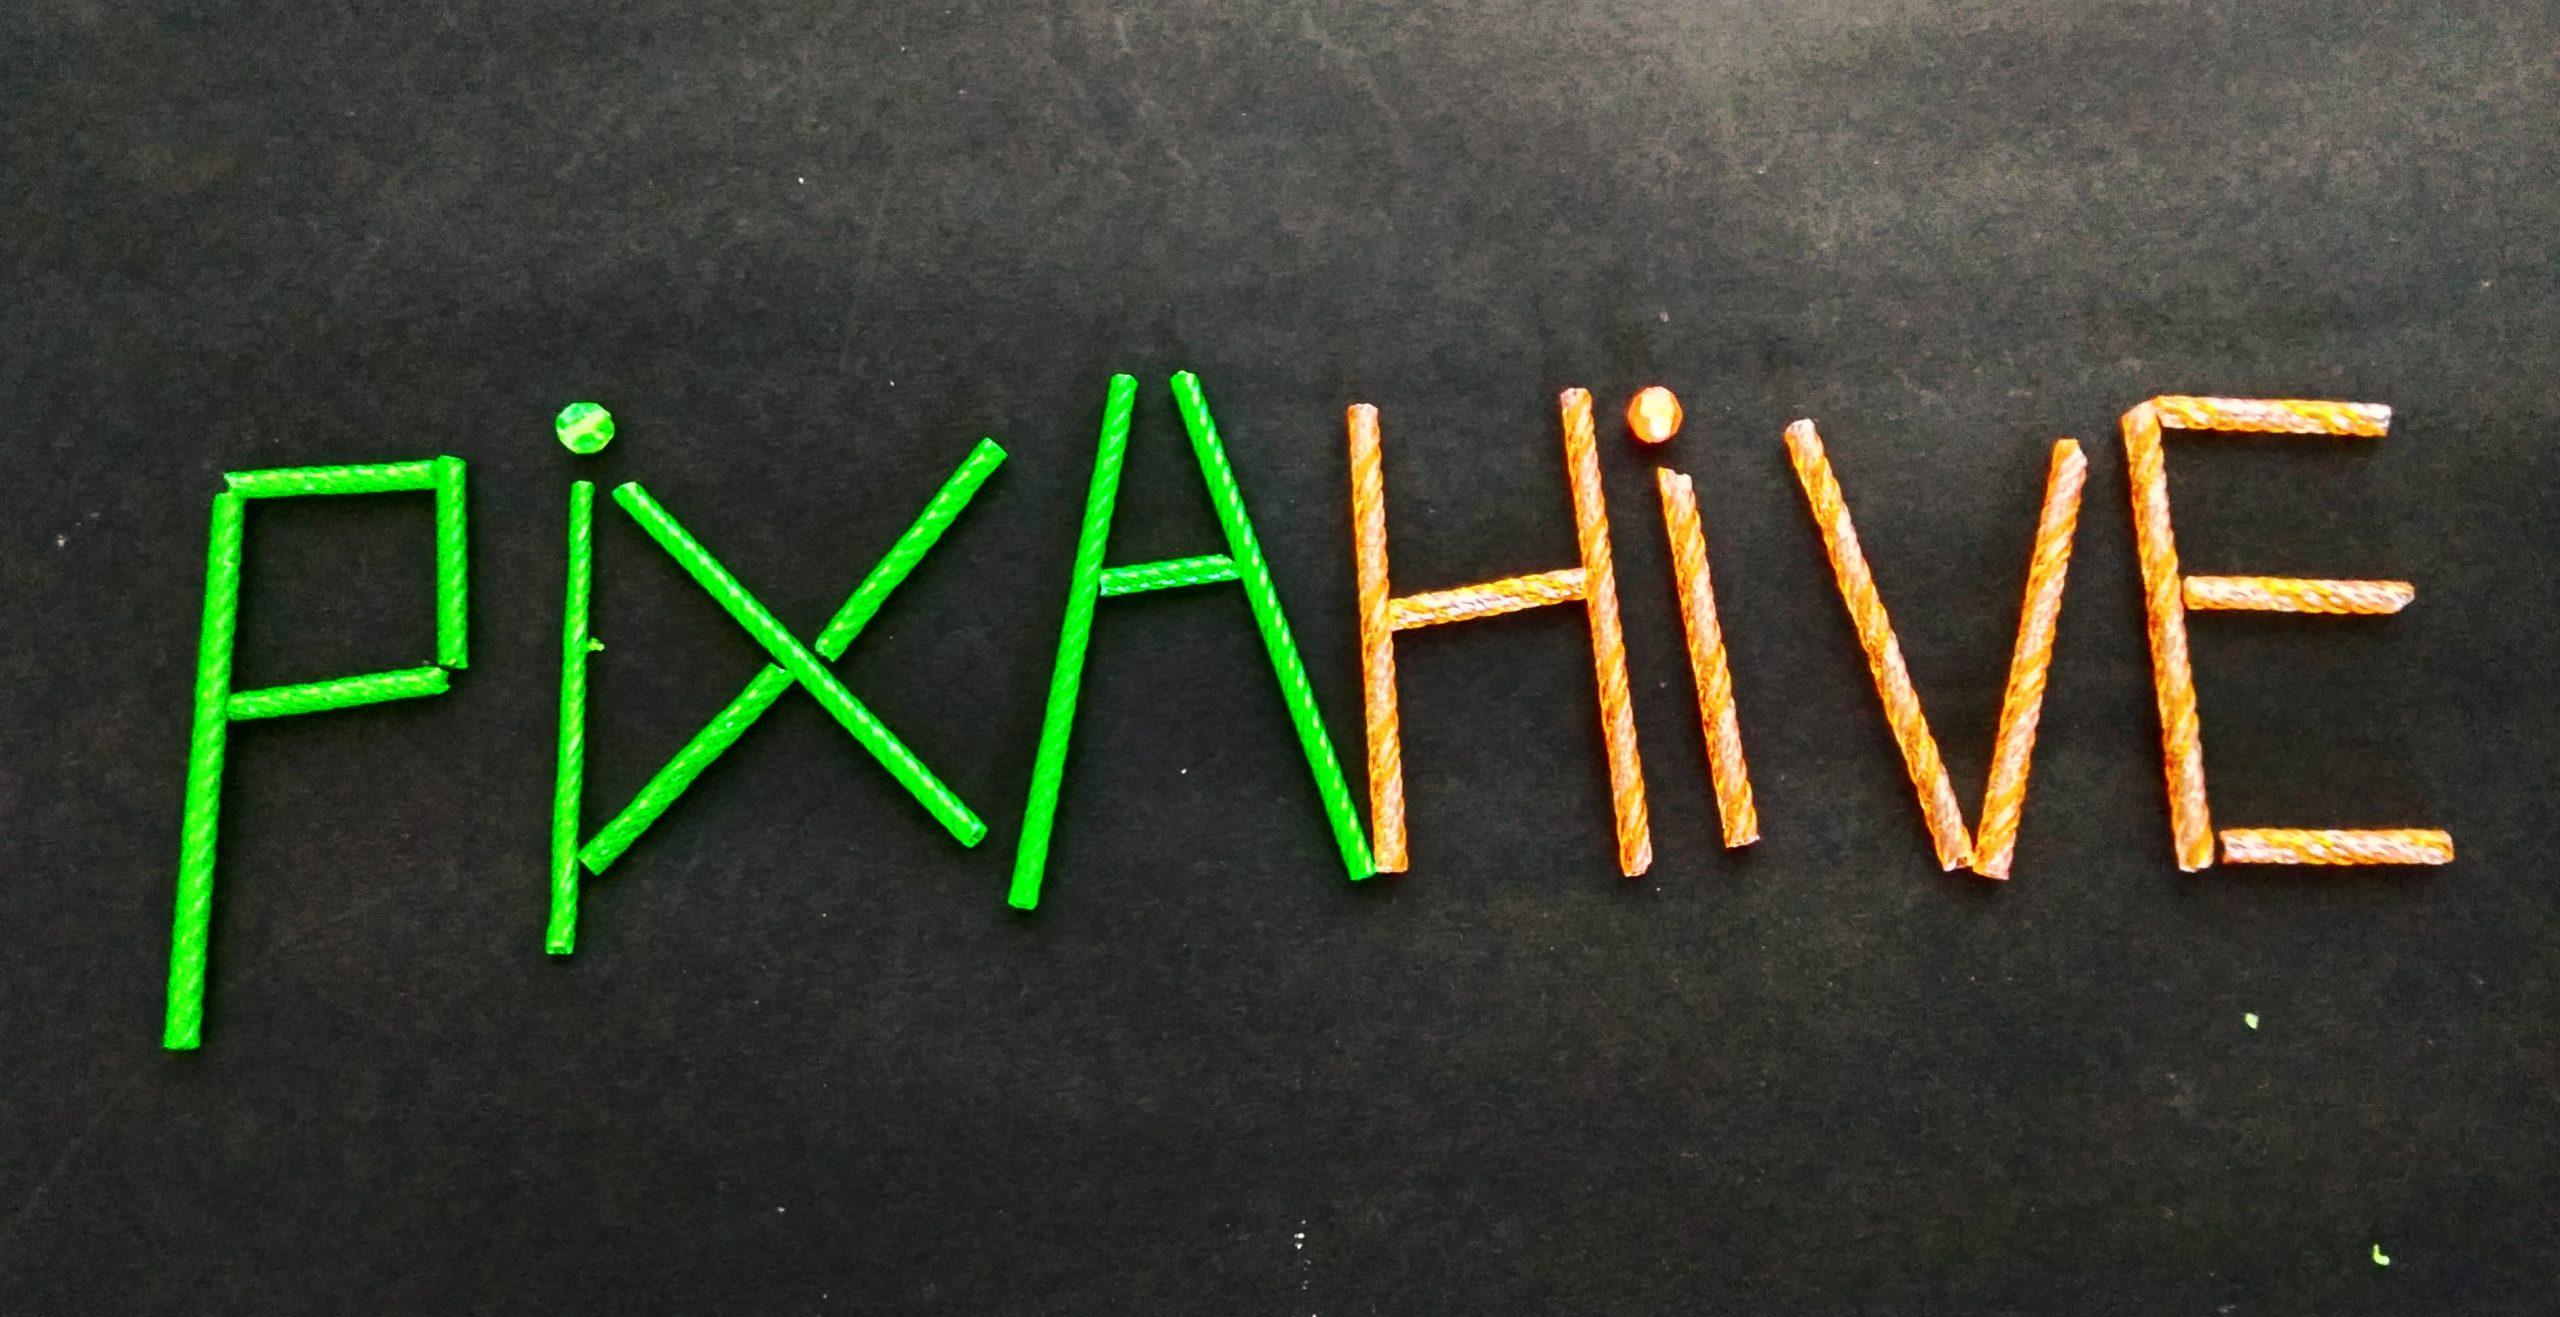 Pixahive written with sticks